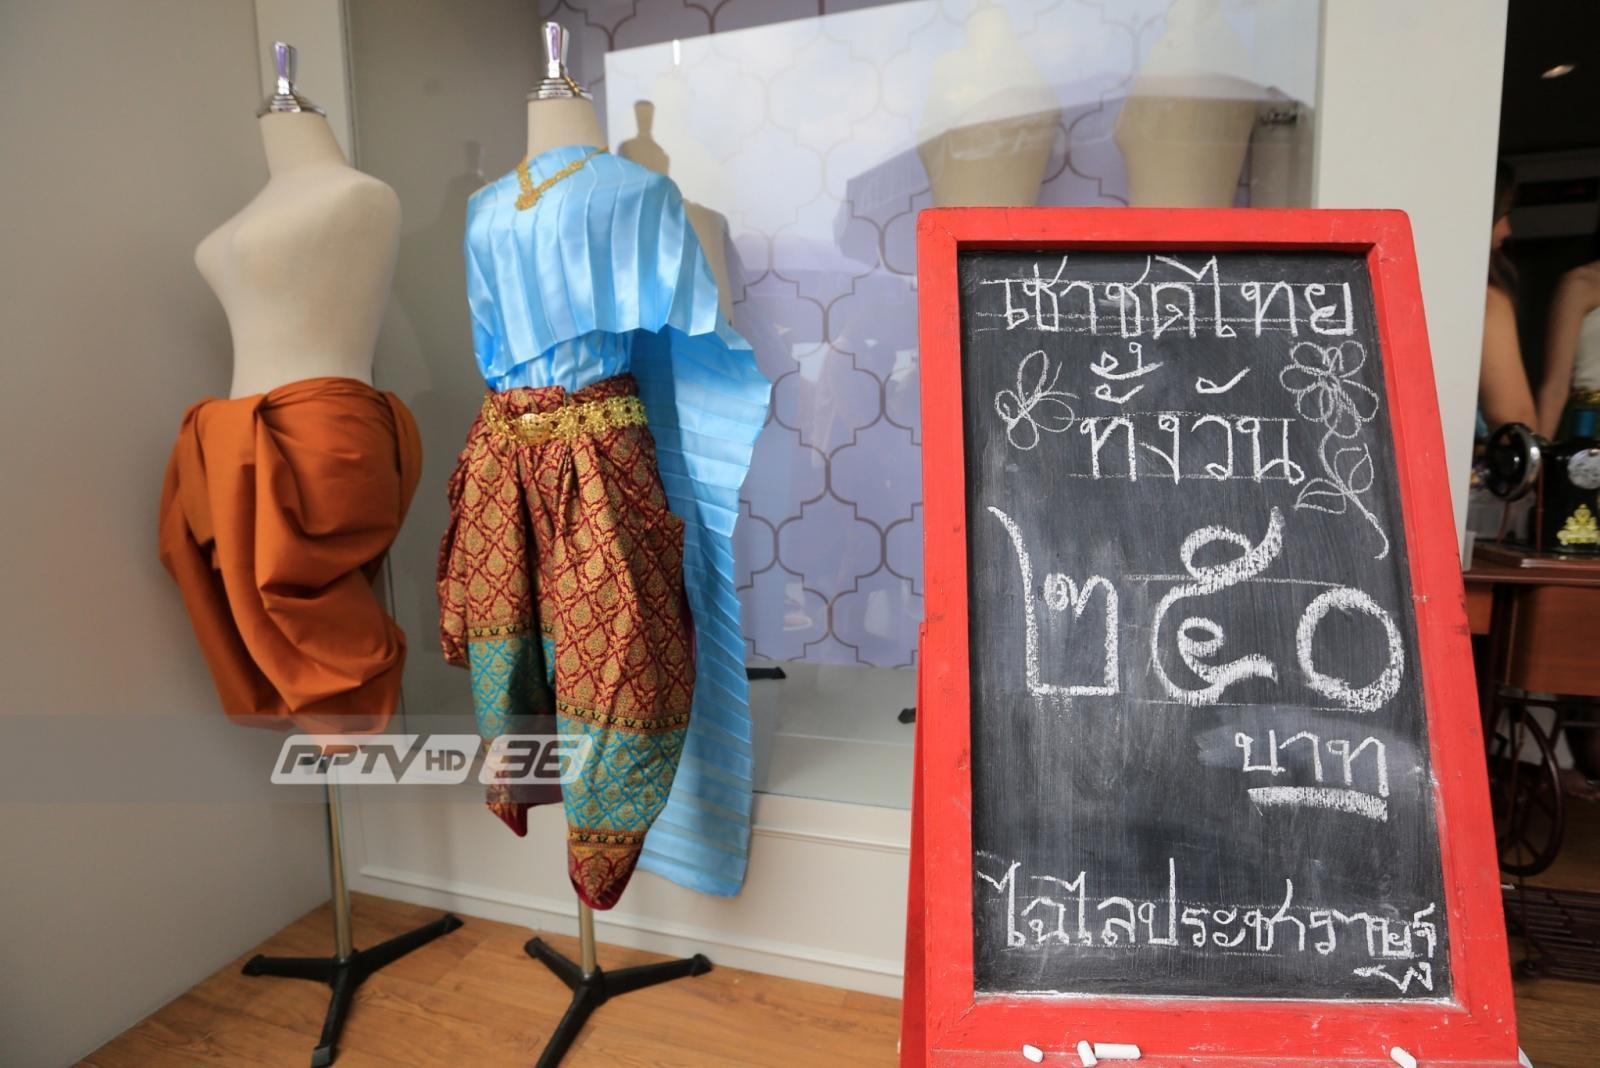 """ประชาชนแห่เช่าชุดไทยเพื่อร่วมย้อนอดีต ณ """"อุ่นไอรัก คลายความหนาว"""""""